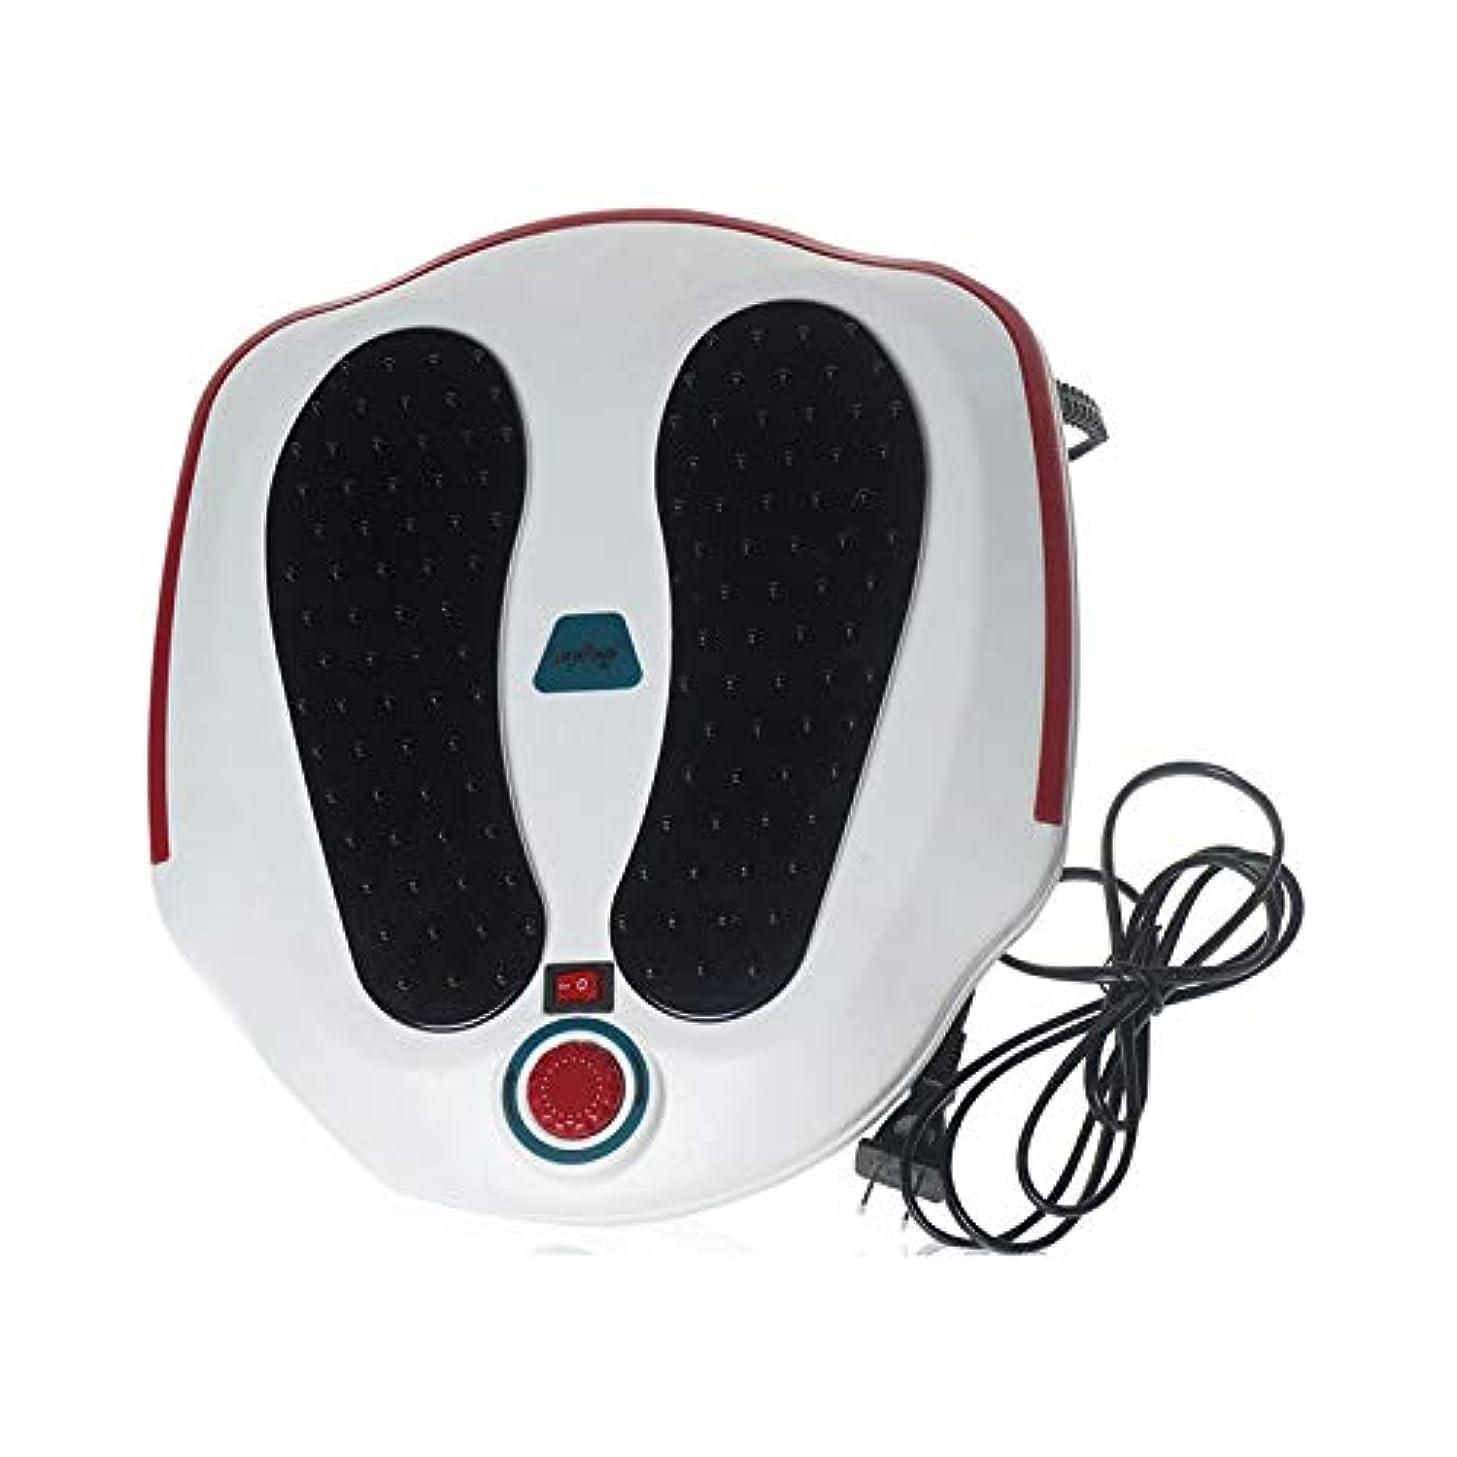 ポータル不測の事態百科事典NSCHJZ足のマッサージ機の振動マッサージ、リモコン付き、暖房機能、空気圧縮、ホームオフィスの指のプレス足のマッサージに適した, white